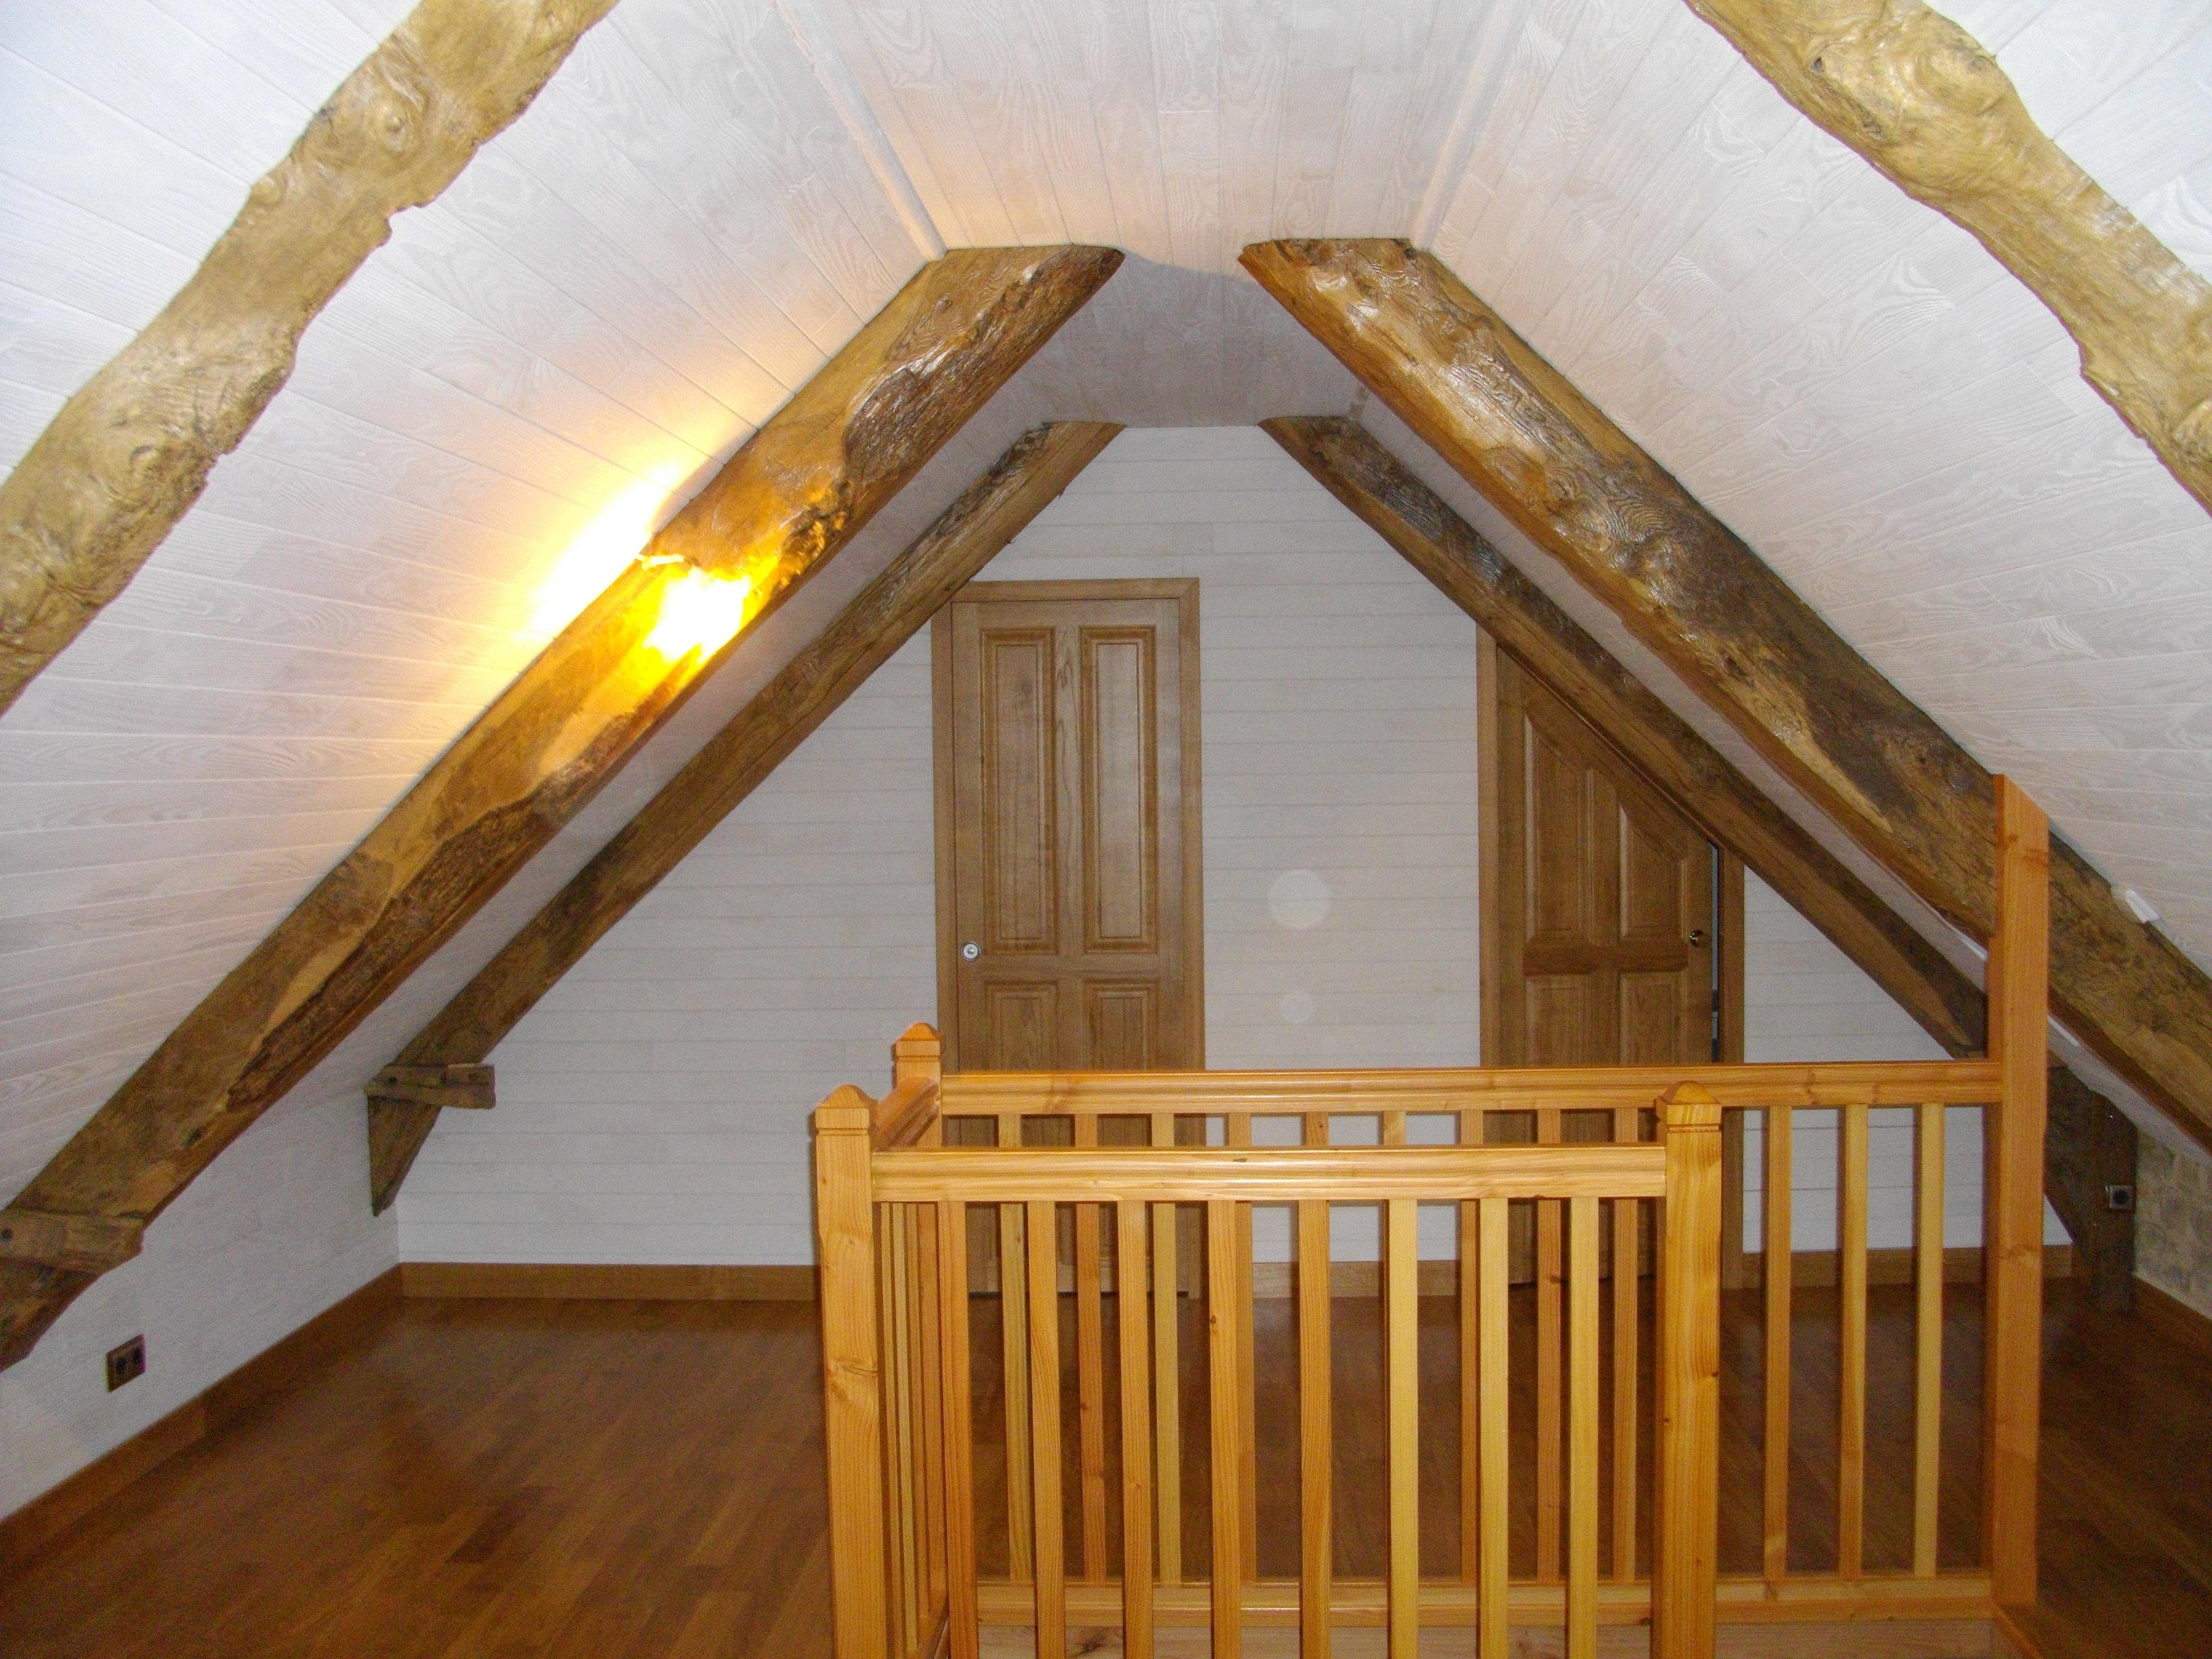 aménagement d'un grenier, parquet, lambris, dressing, salle de bain, rénovation des vieilles poutres, balustrade en douglas comme l'escalier